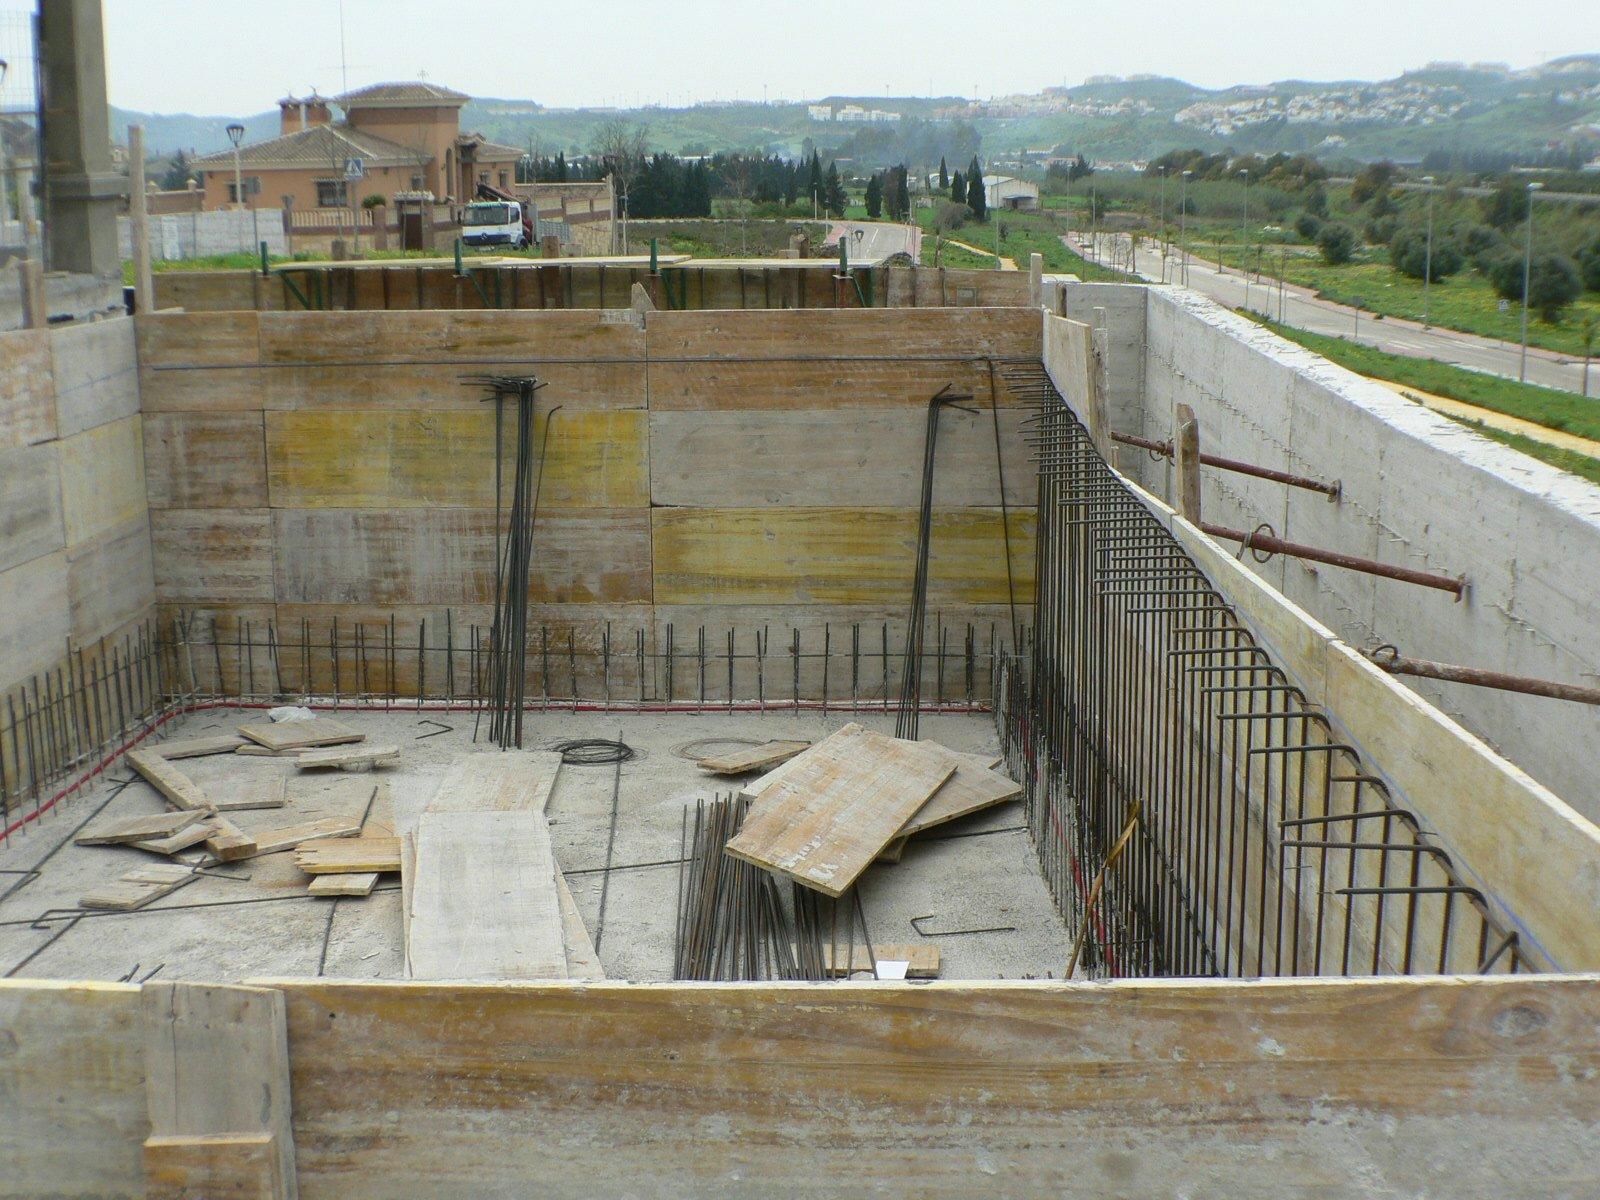 Dep sitos de hormig n o mortero de cemento pinturas arenas - Pinturas arenas granada ...